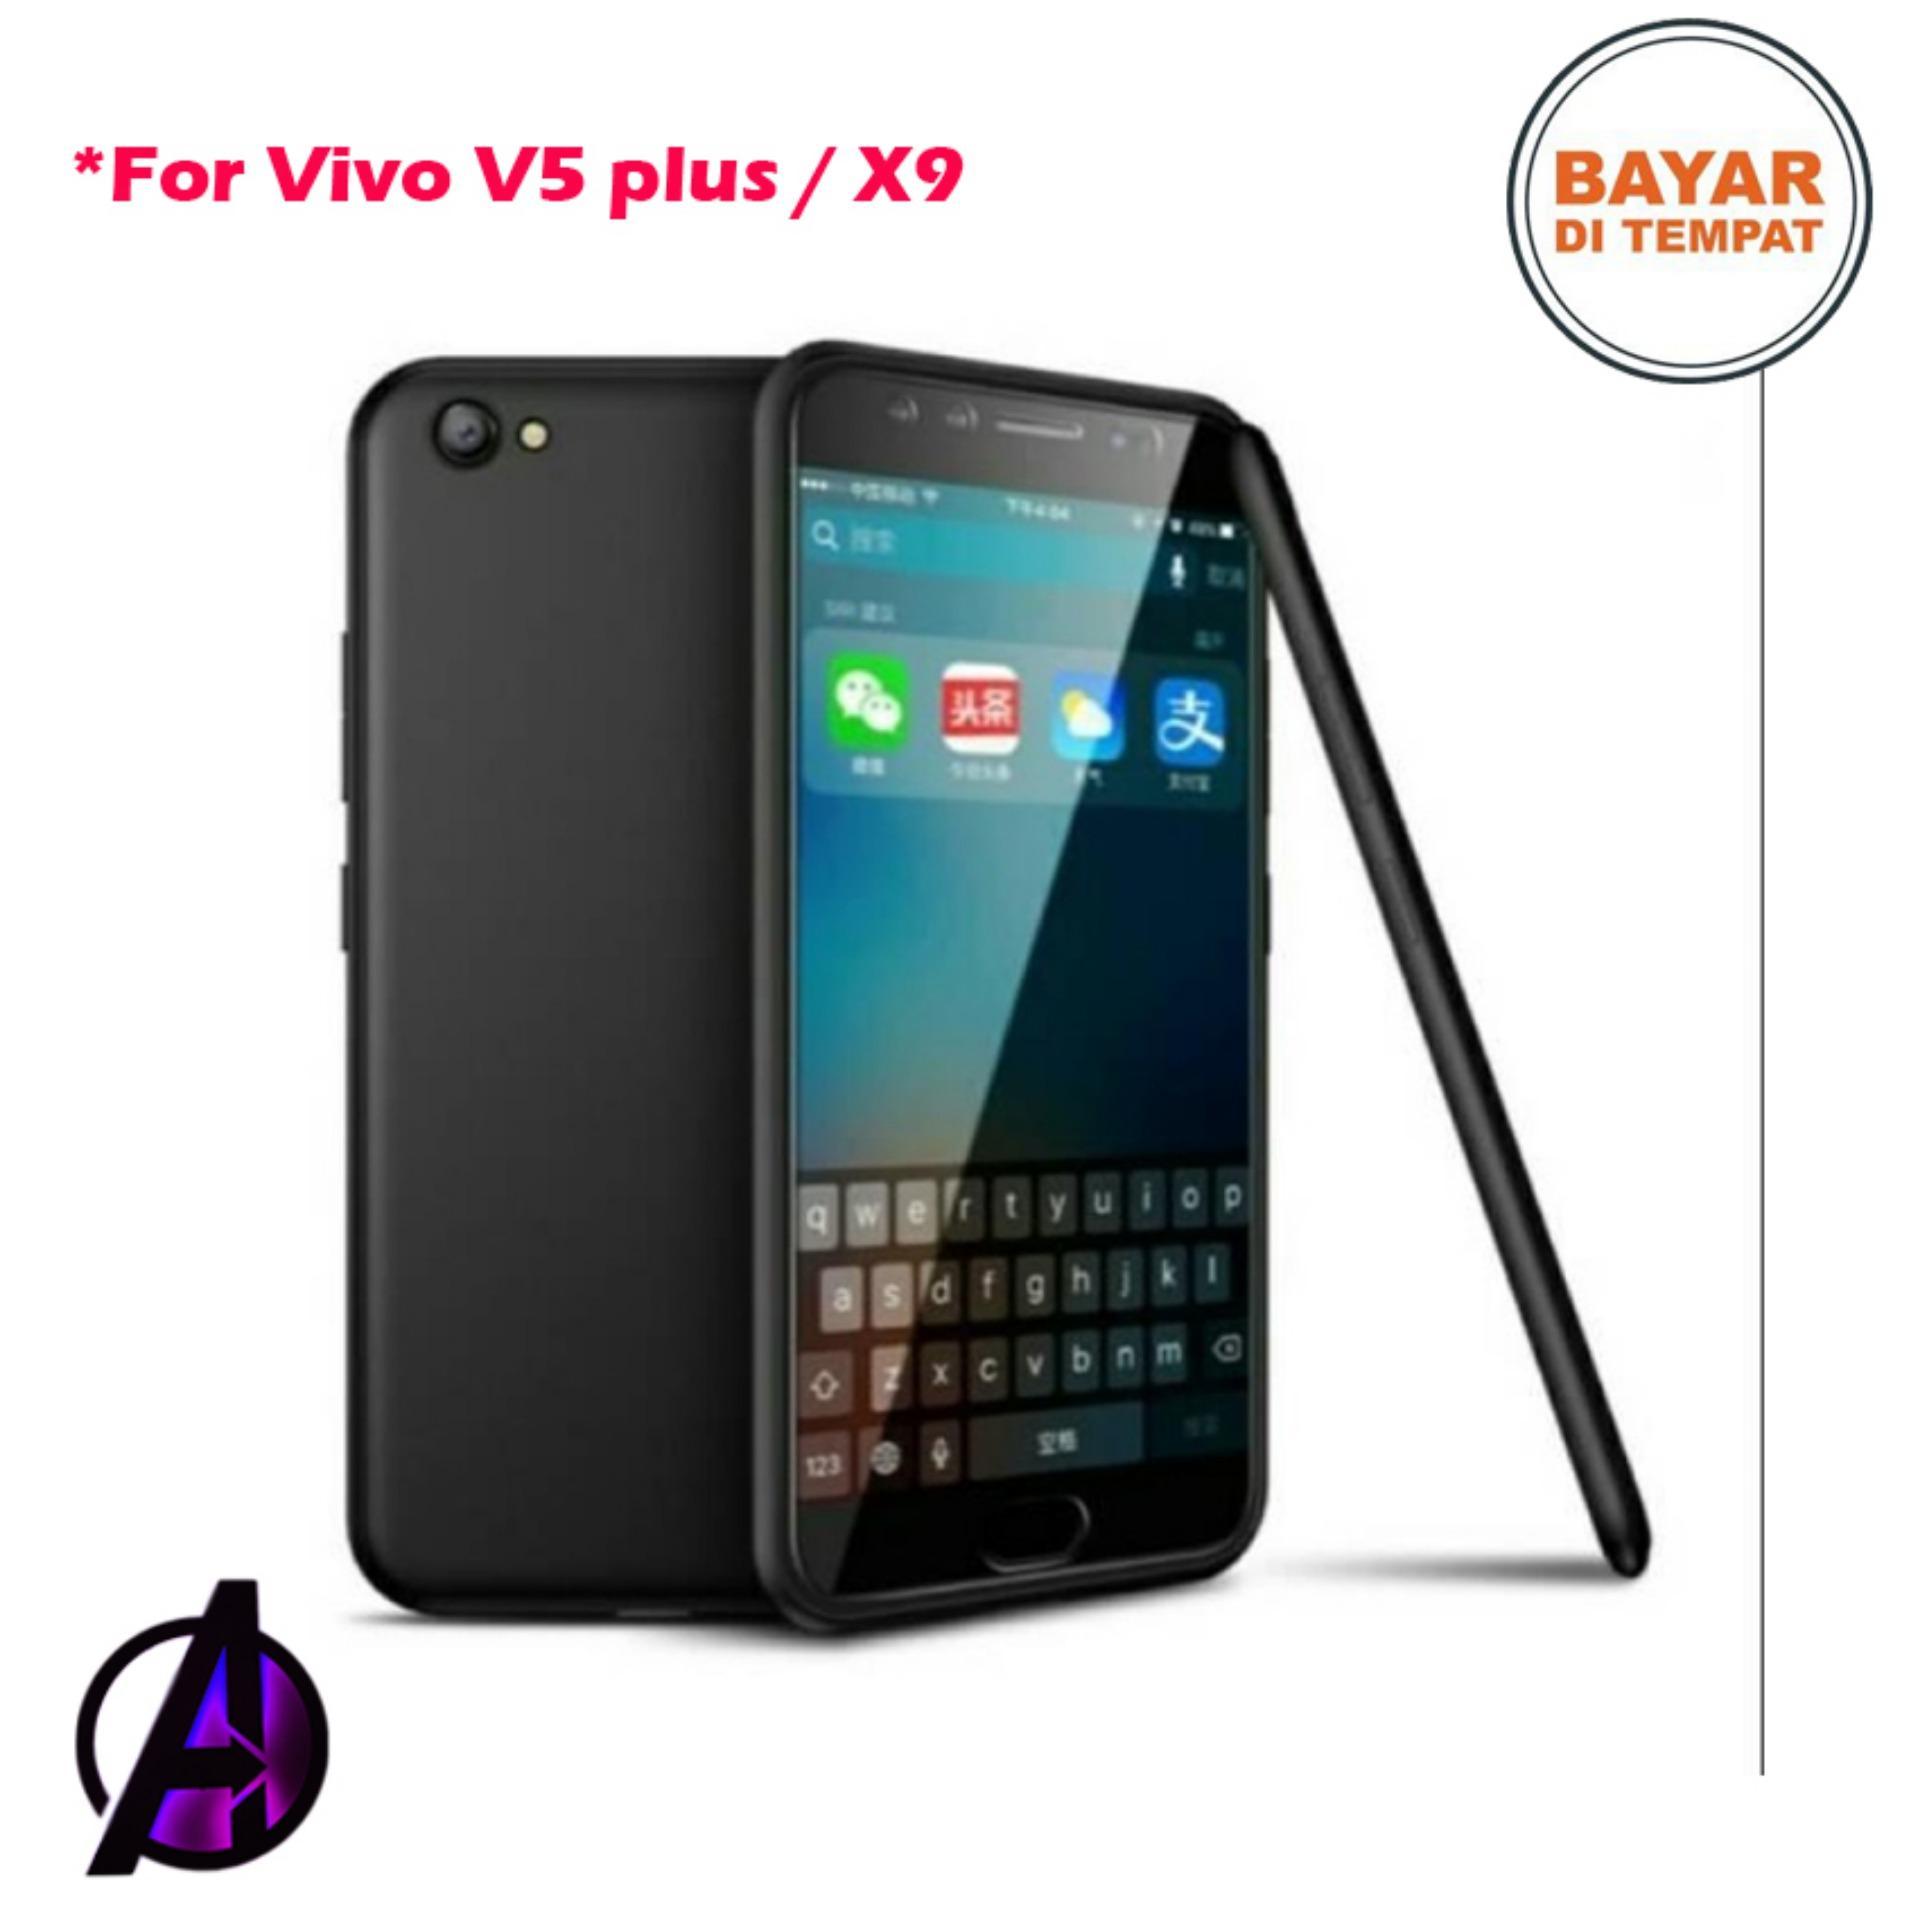 Case Black Matte Soft Slim Vivo V5 Plus / X9